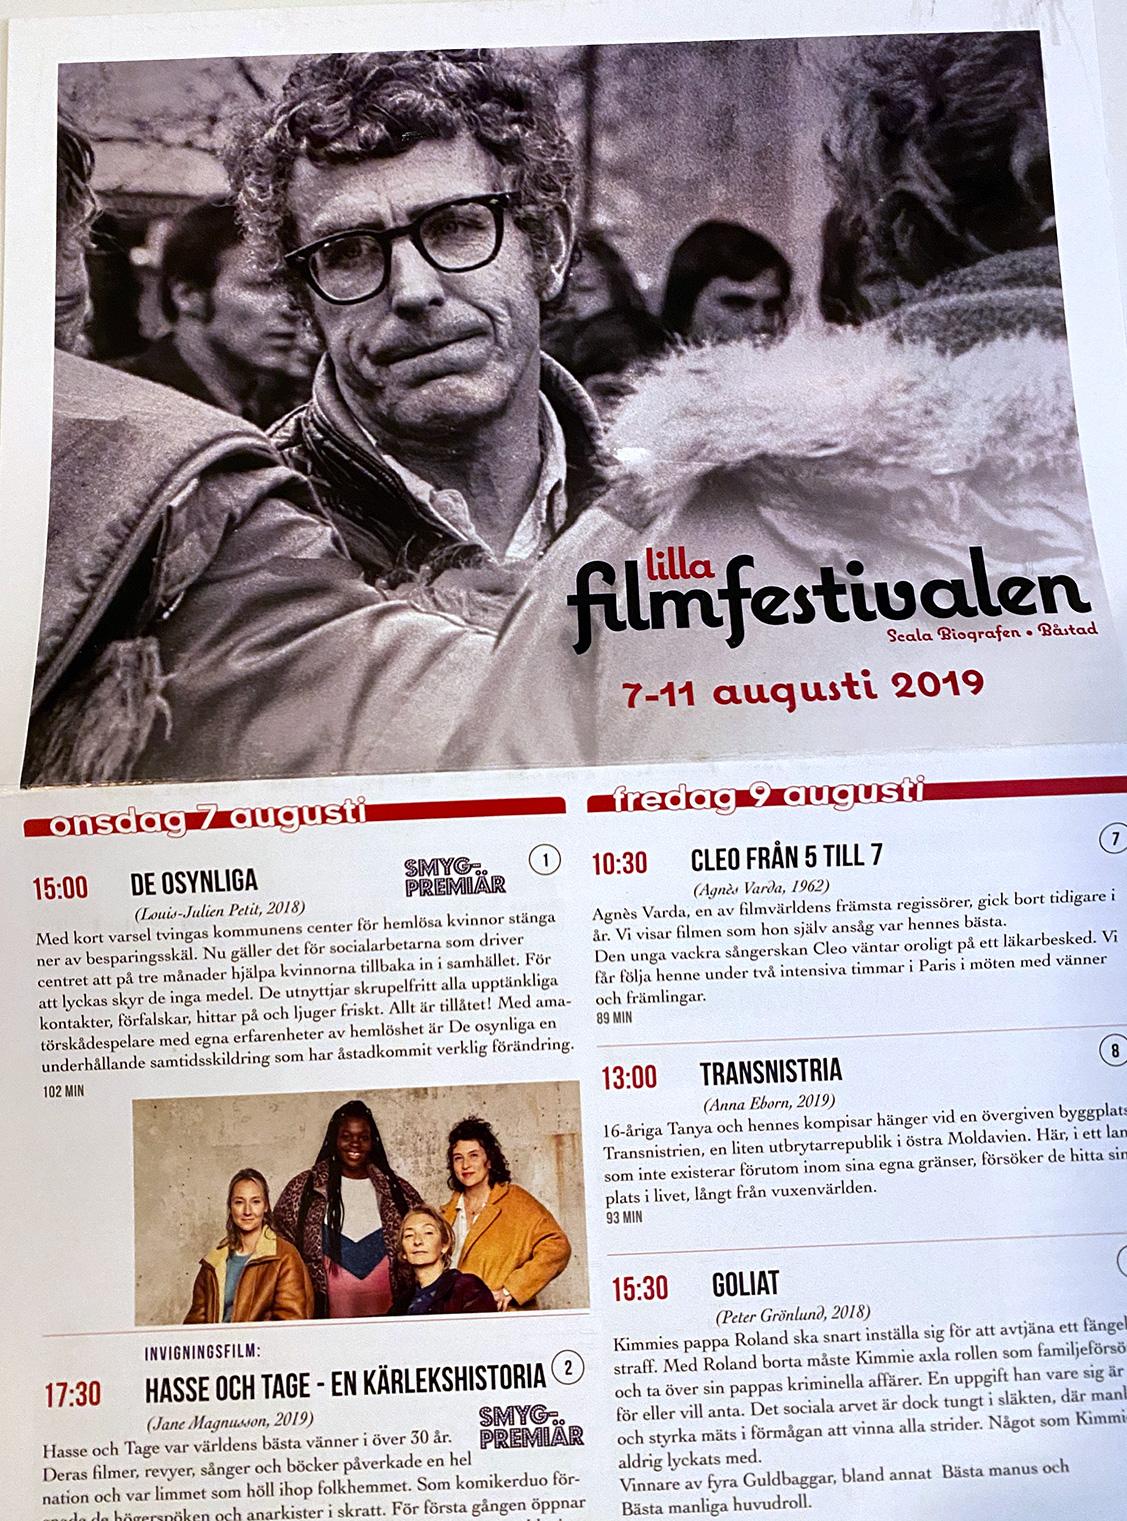 Programdesign, Lilla Filmfestivalen i Båstad, 2019 - Fredrik Strandberg